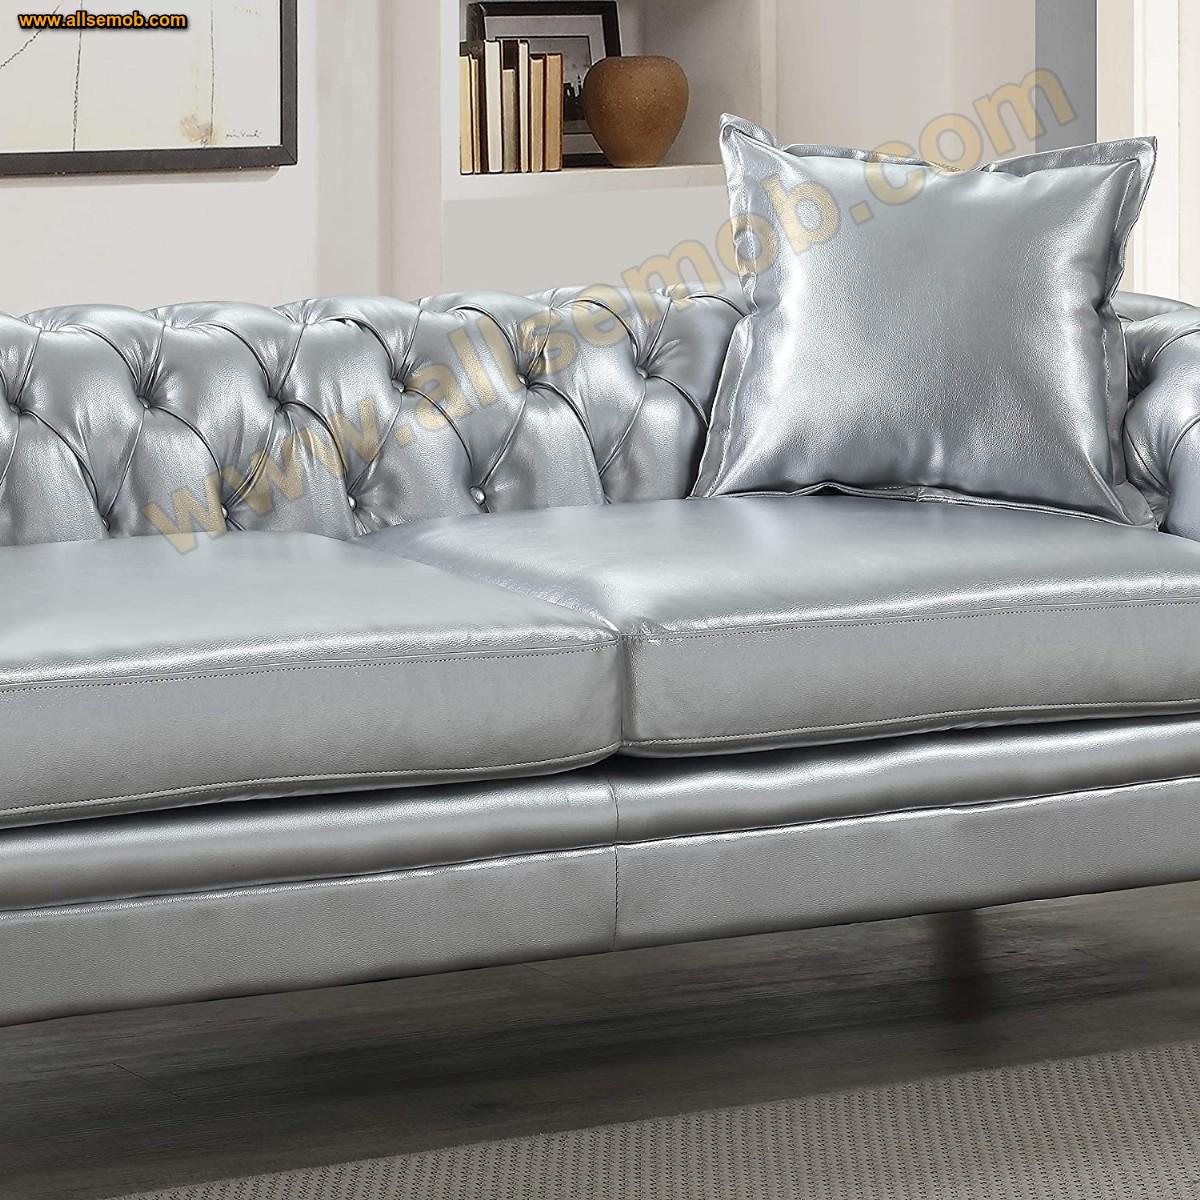 Lüks Gümüş Chester Koltuk Gümüş Renk Silver Deri Chester Kanepe